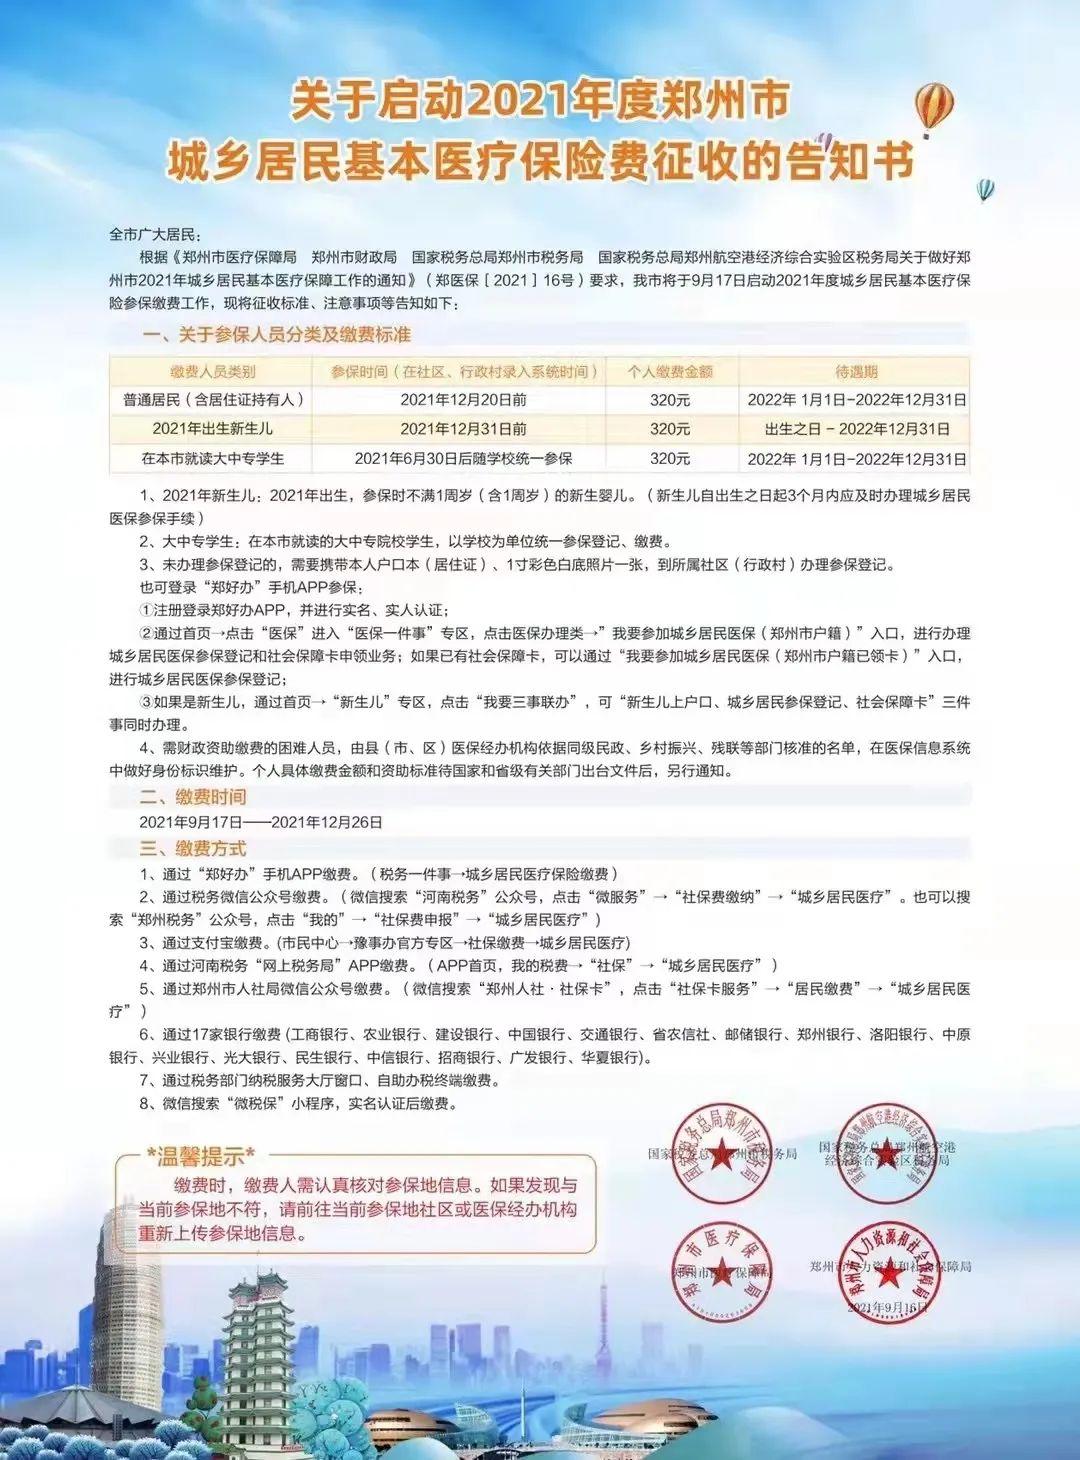 @新郑人:城乡居民基本医疗保险参保缴费开始啦!